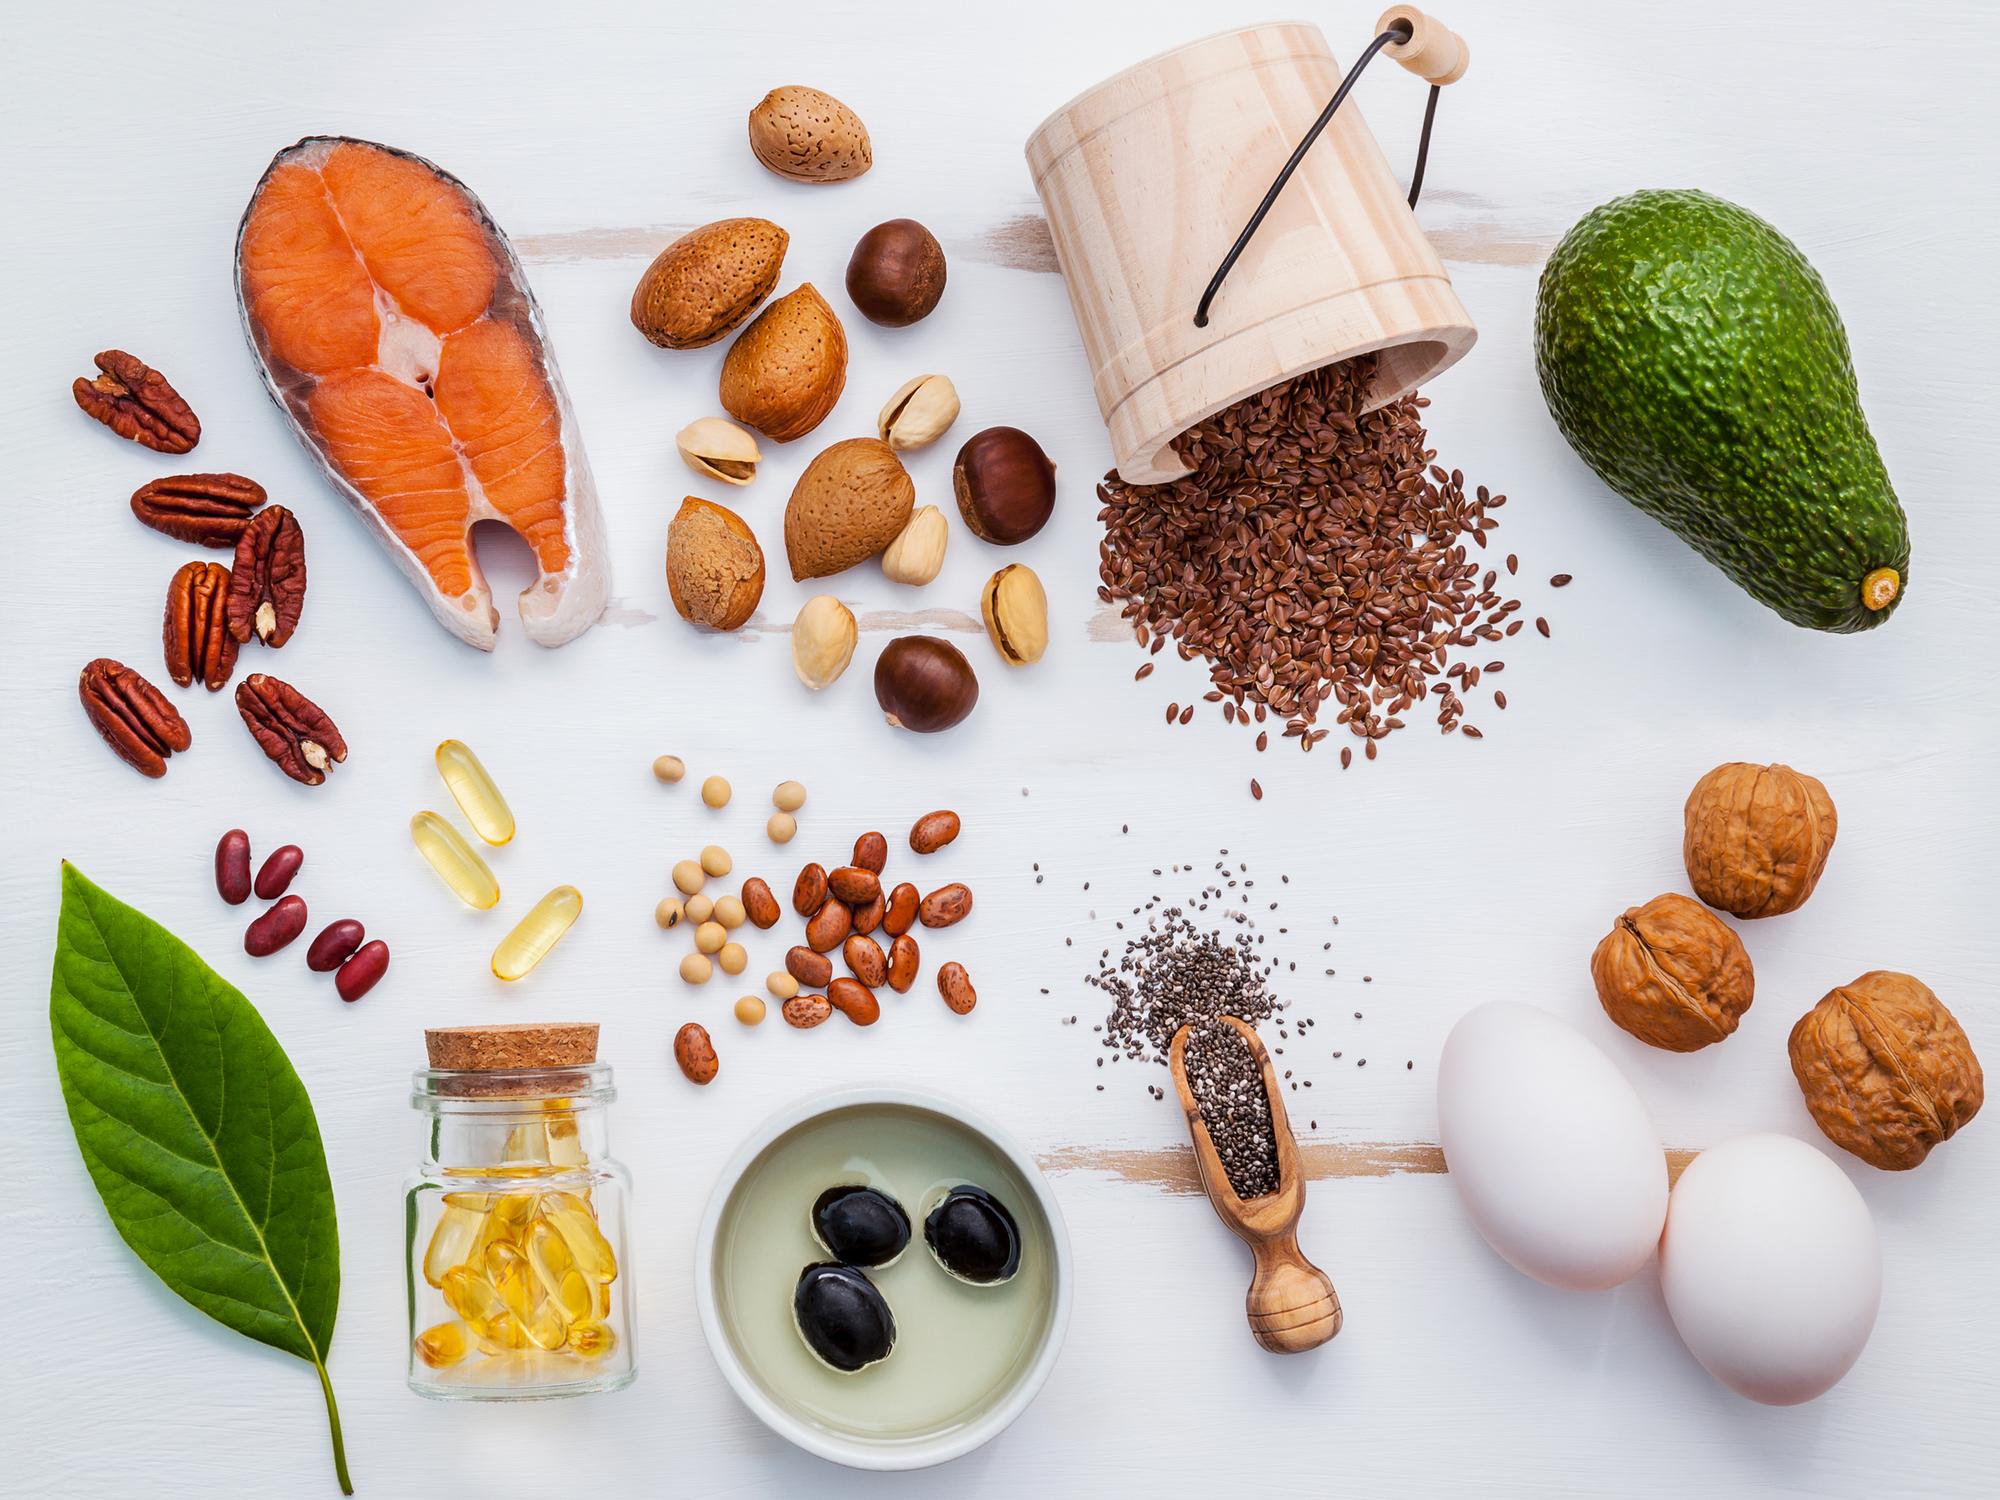 12 продуктов с высоким содержанием омега-3 жирных кислот | пища это лекарство